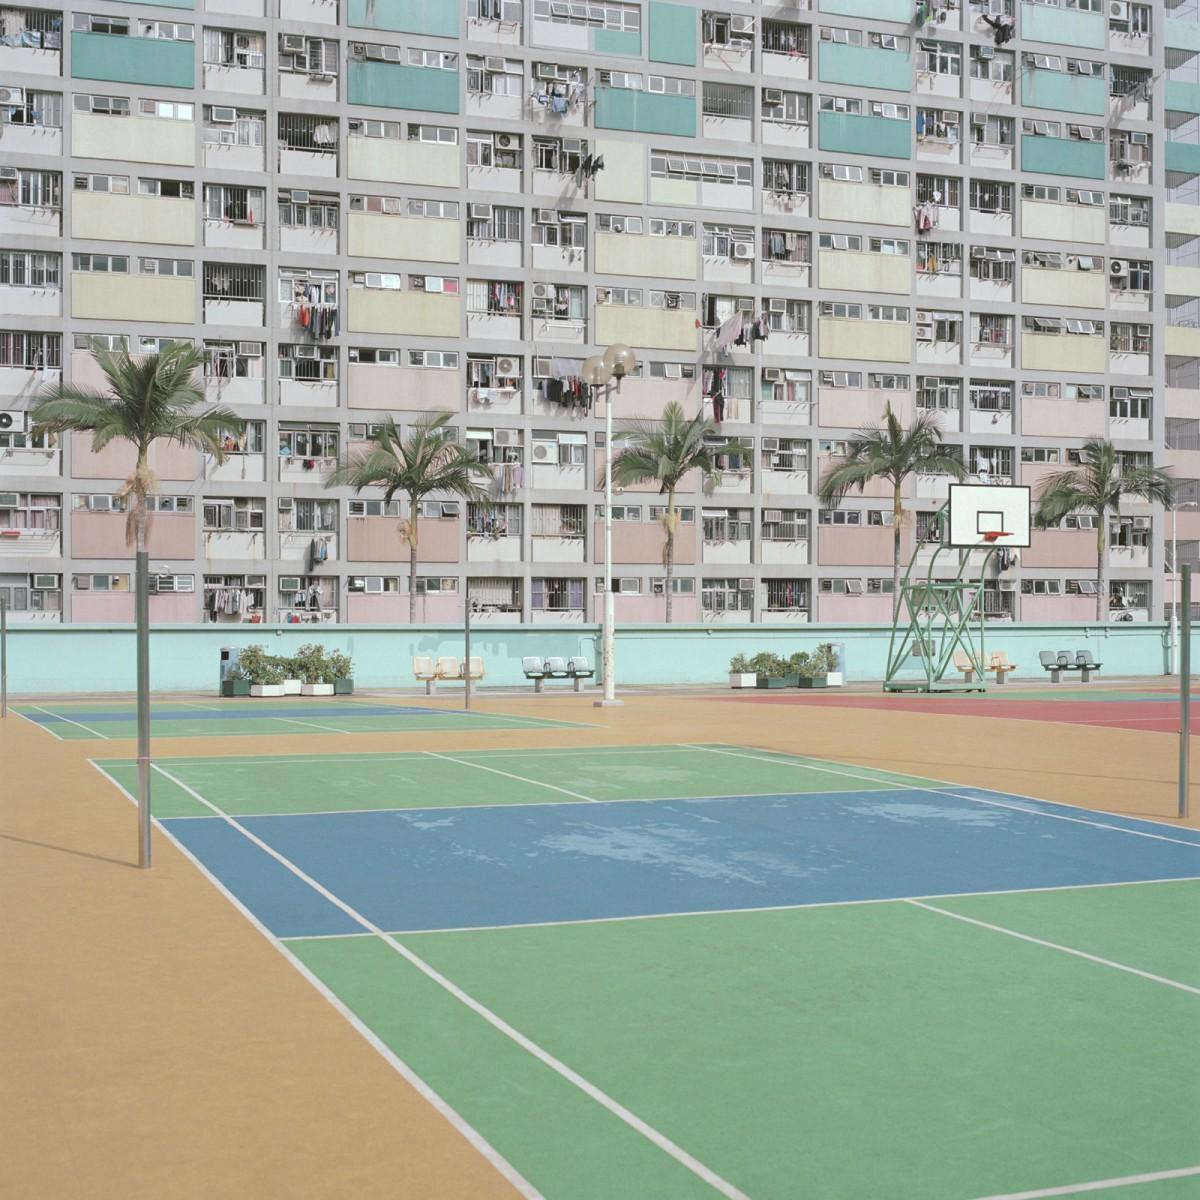 archaic_WardRoberts_Courts_8.jpg